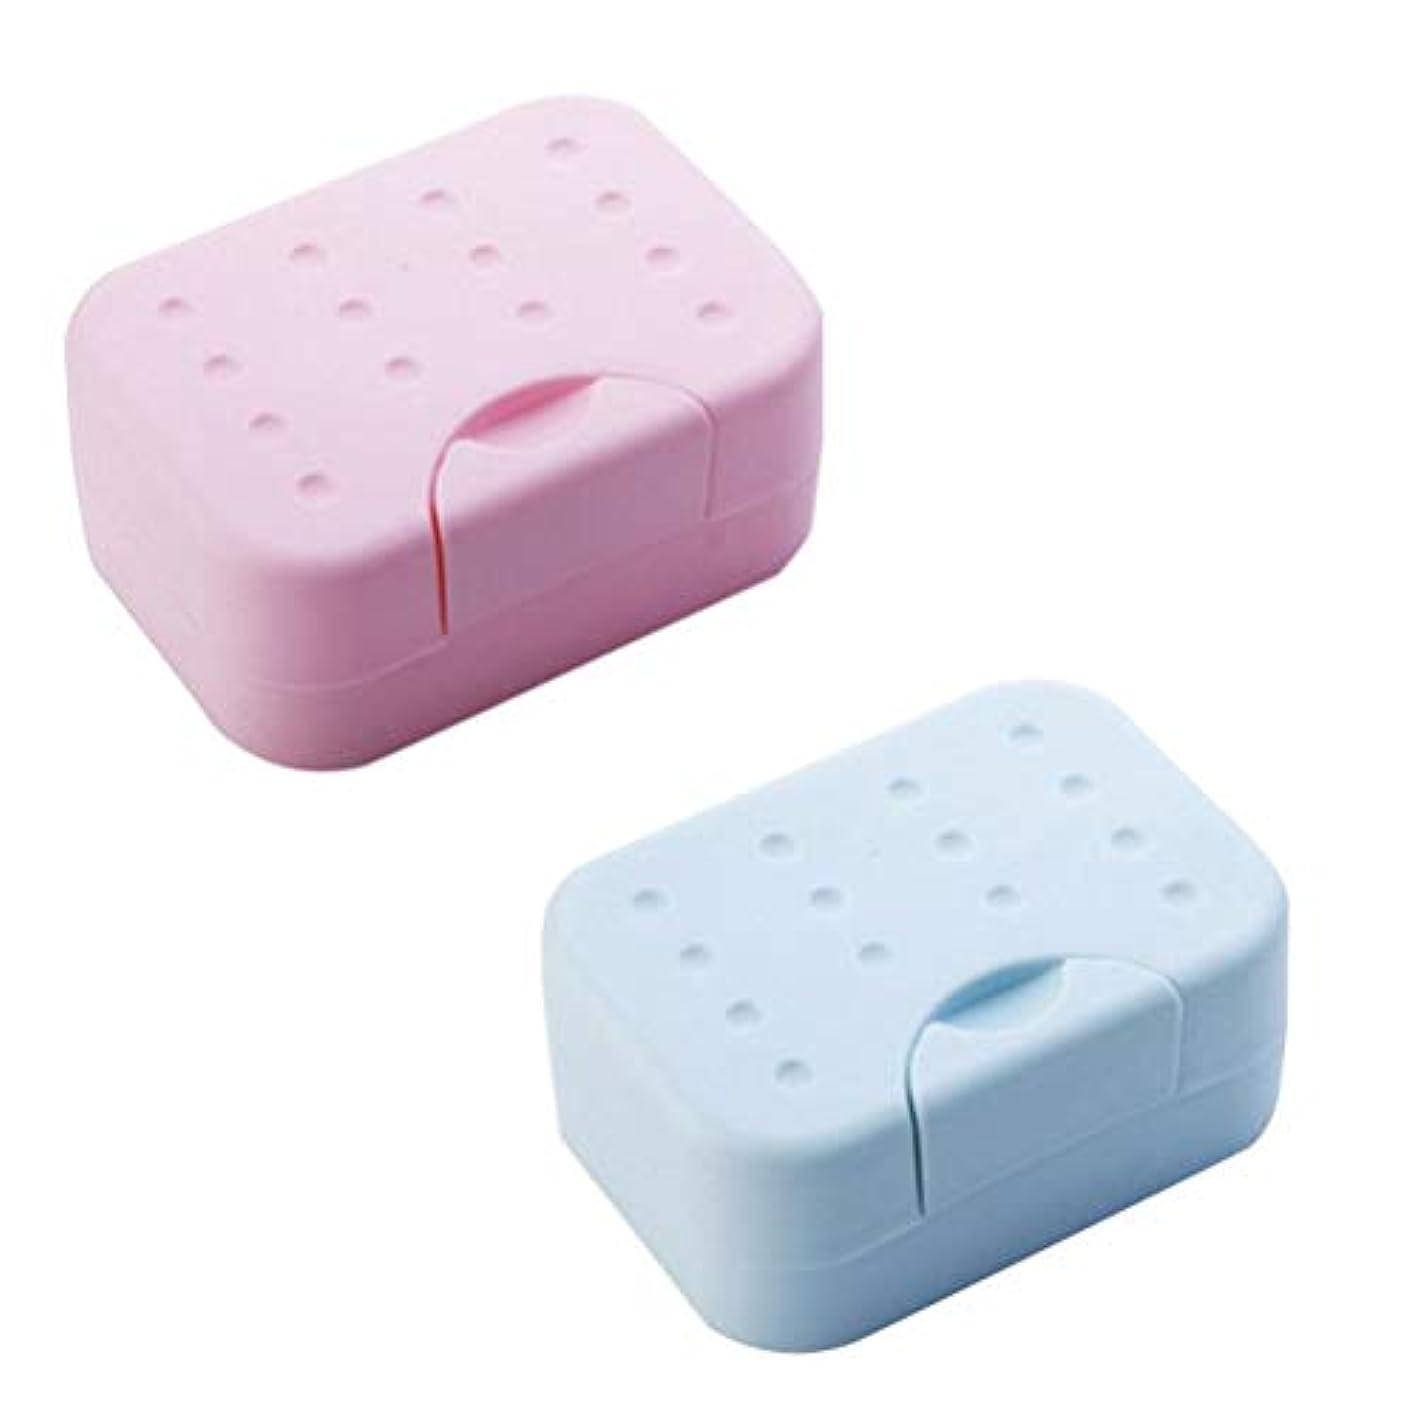 旅小川Healifty 2PC石鹸容器旅行石鹸ボックス石けんケース耐久性プラスチック防水飲料水スポンジ石鹸キャビネットのための食器ホルダーホームバスルーム(赤と青)